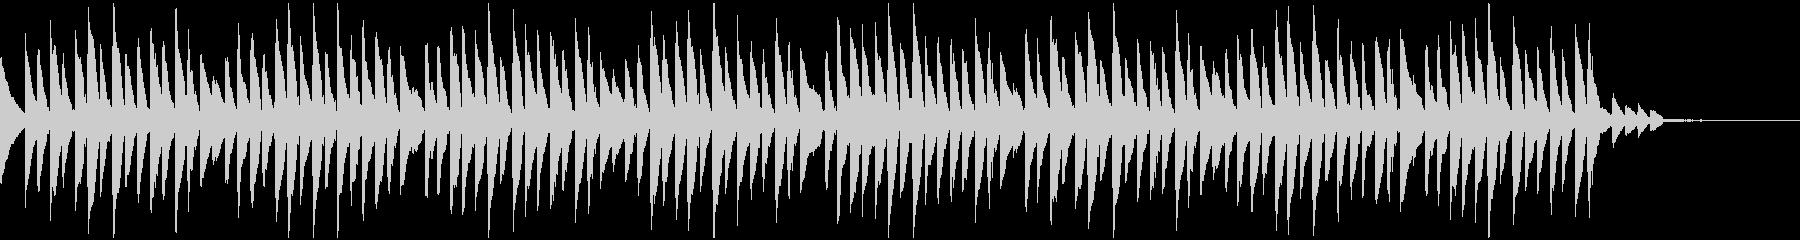 ピコピコ(クイズやシンキングタイム)の未再生の波形